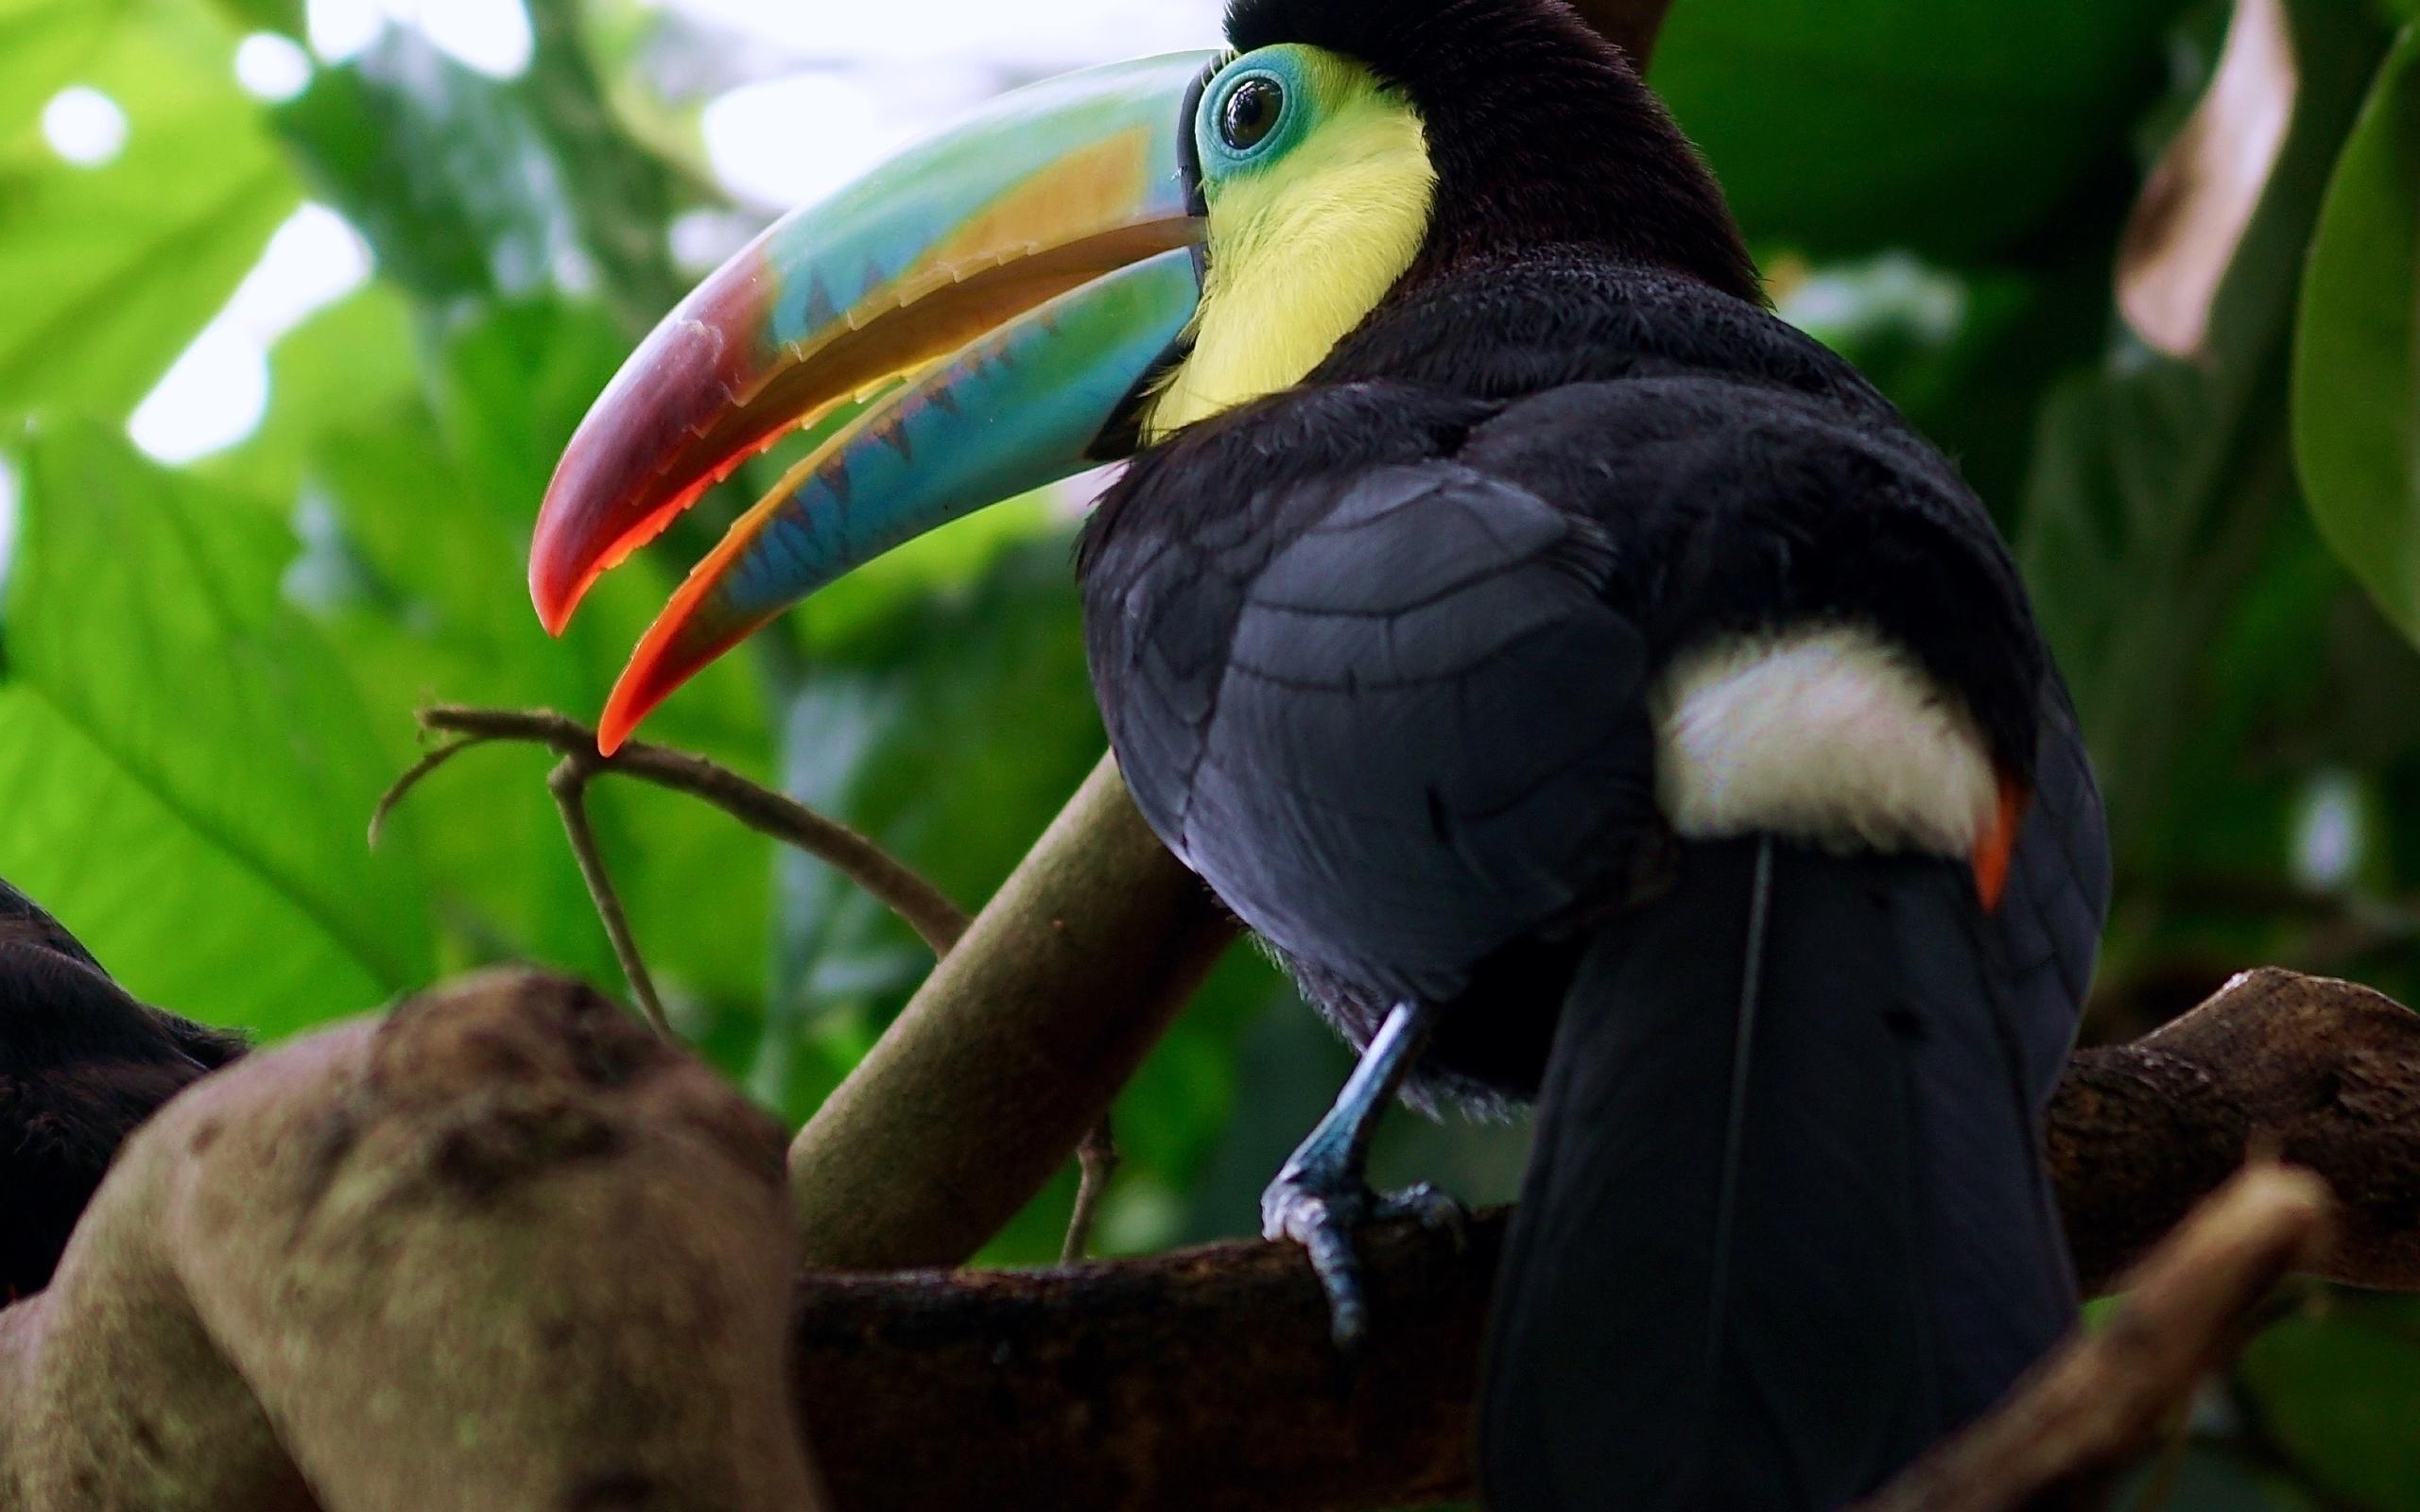 Картинки экзотических крупных птиц с названиями